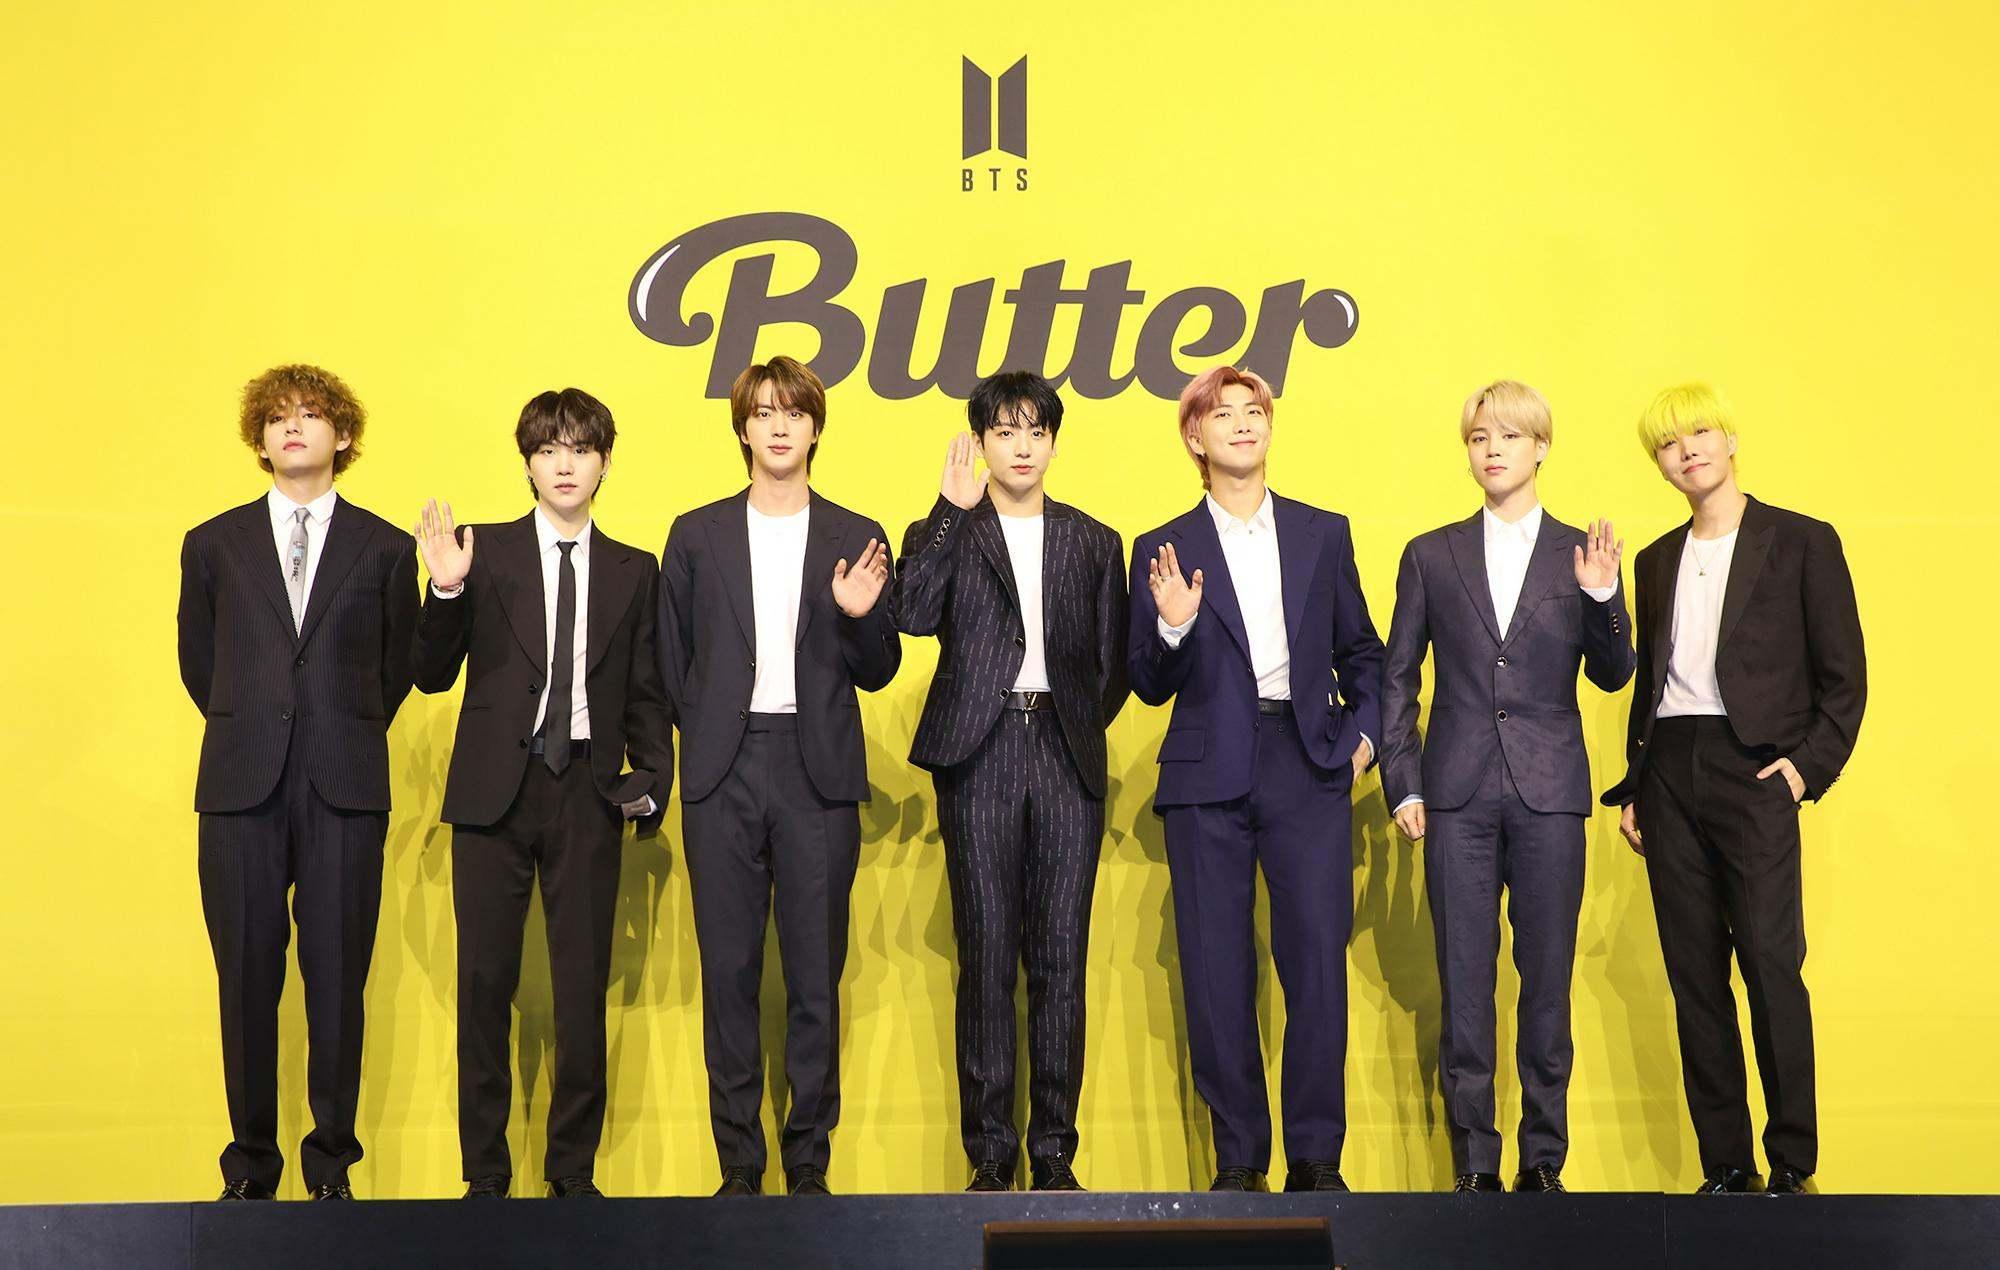 bts butter | bt21fanss.com